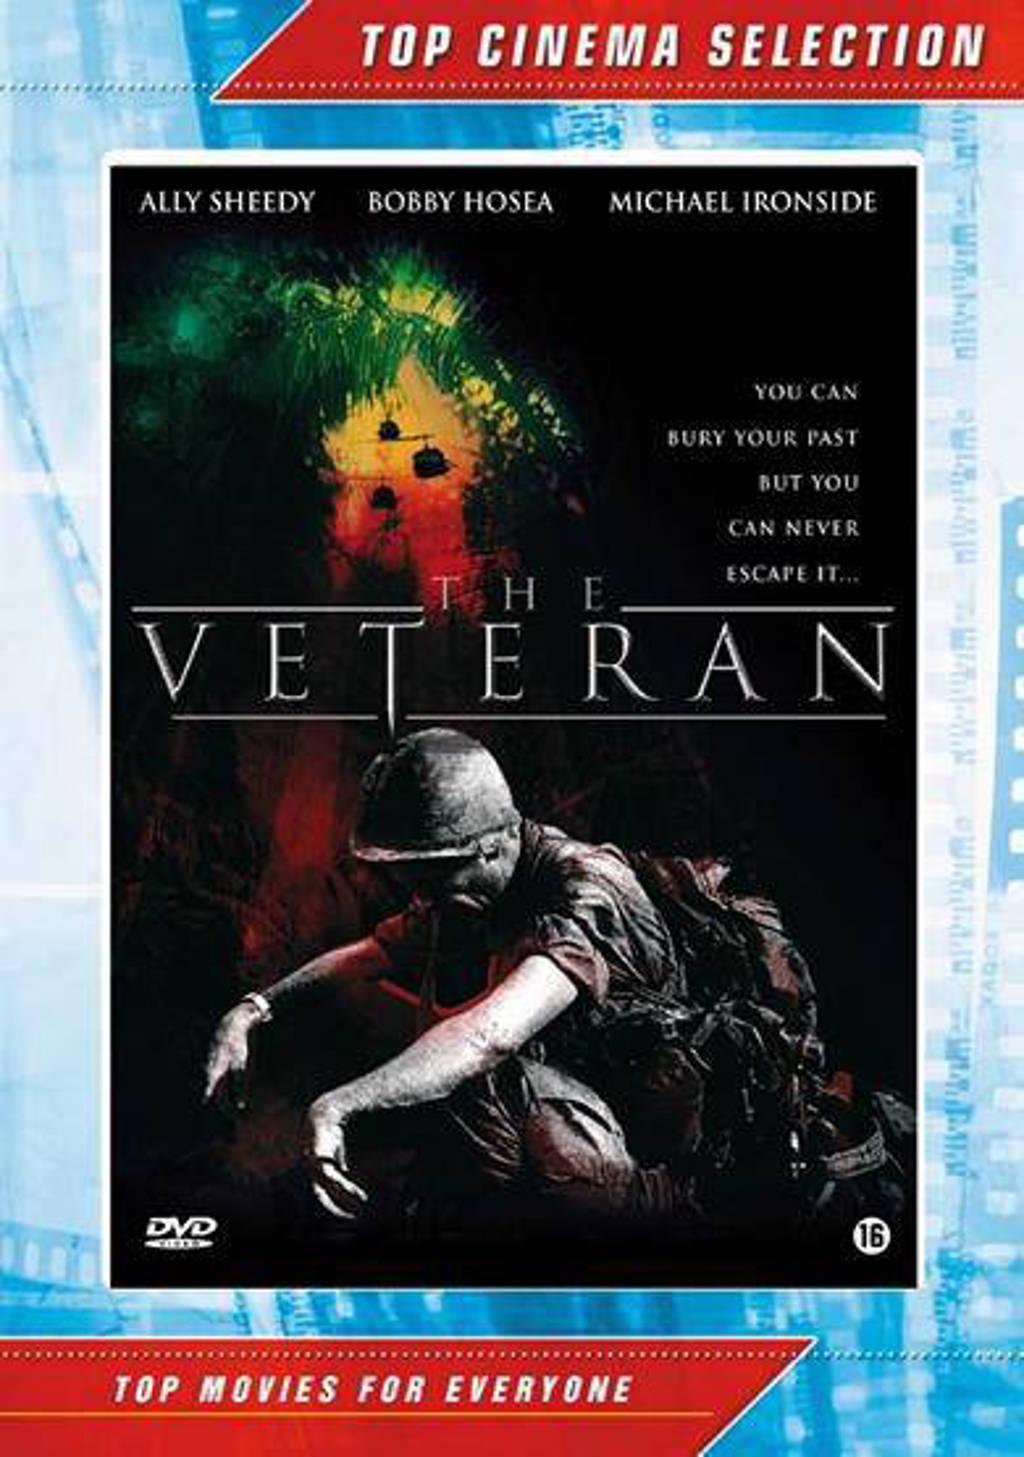 Veteran (DVD)